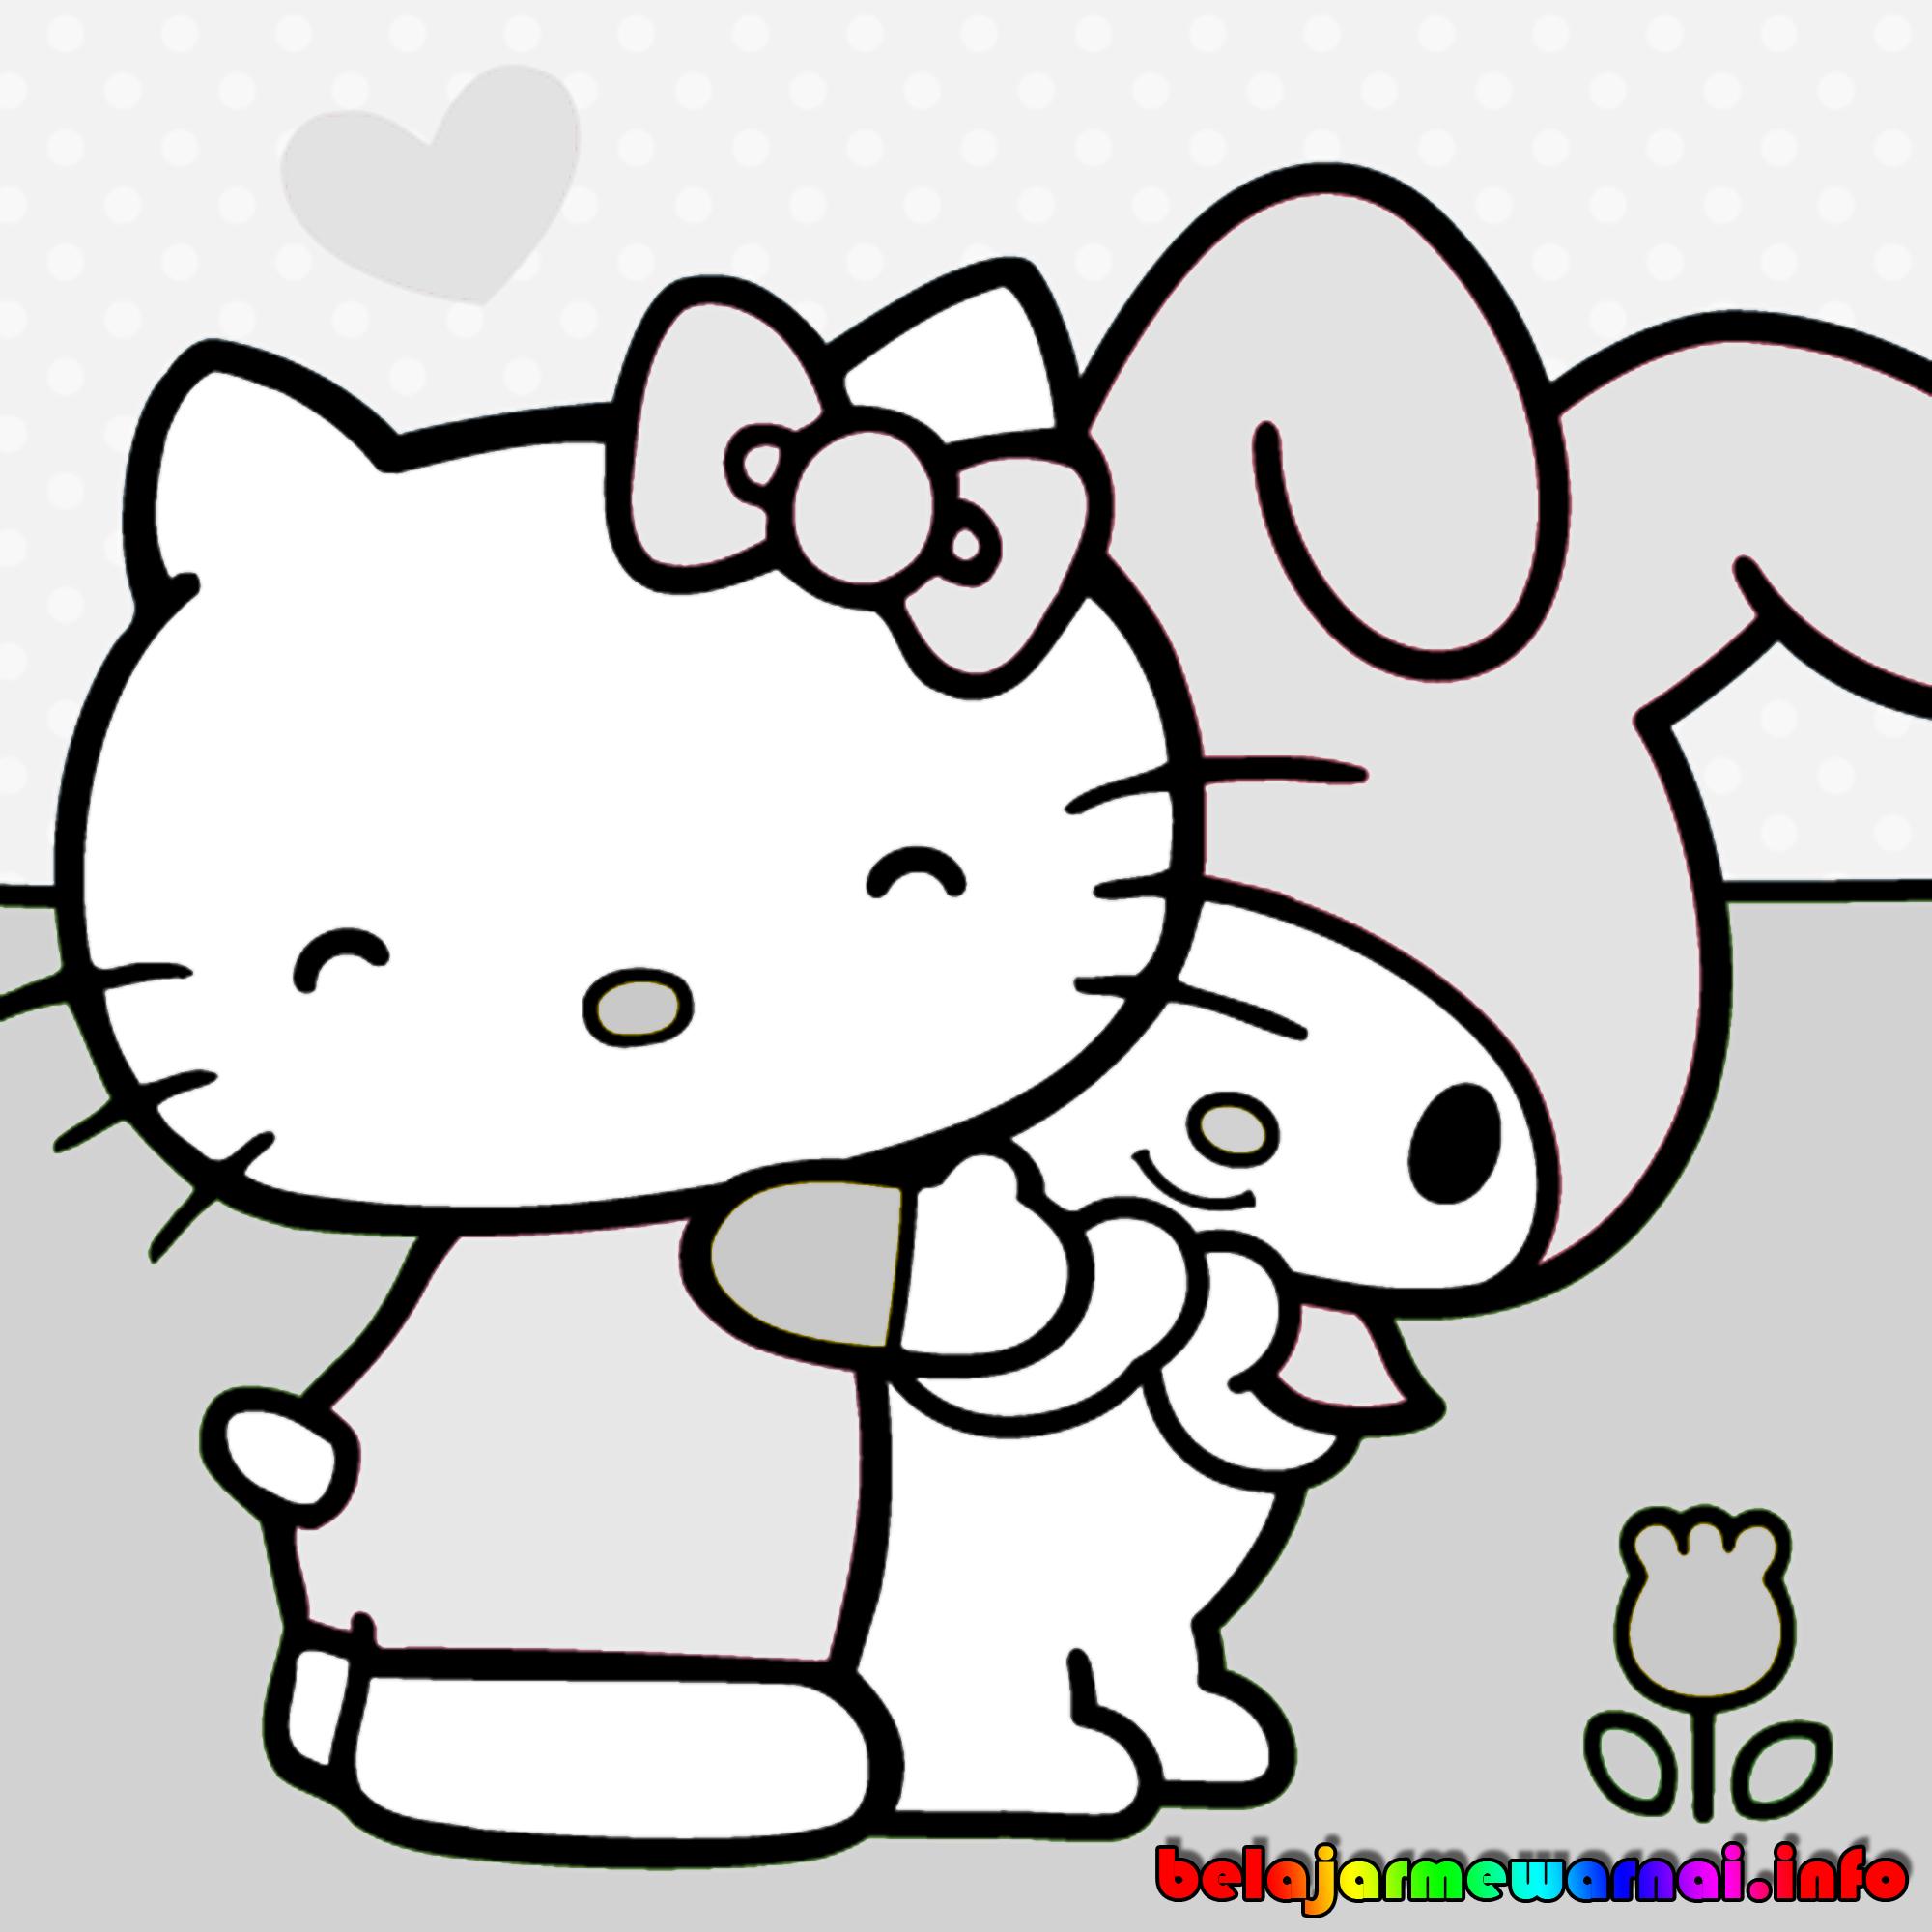 Gambar Kitty Hitam Putih Cliparts Belajar Mewarnai Lucu Terbaru Kartun